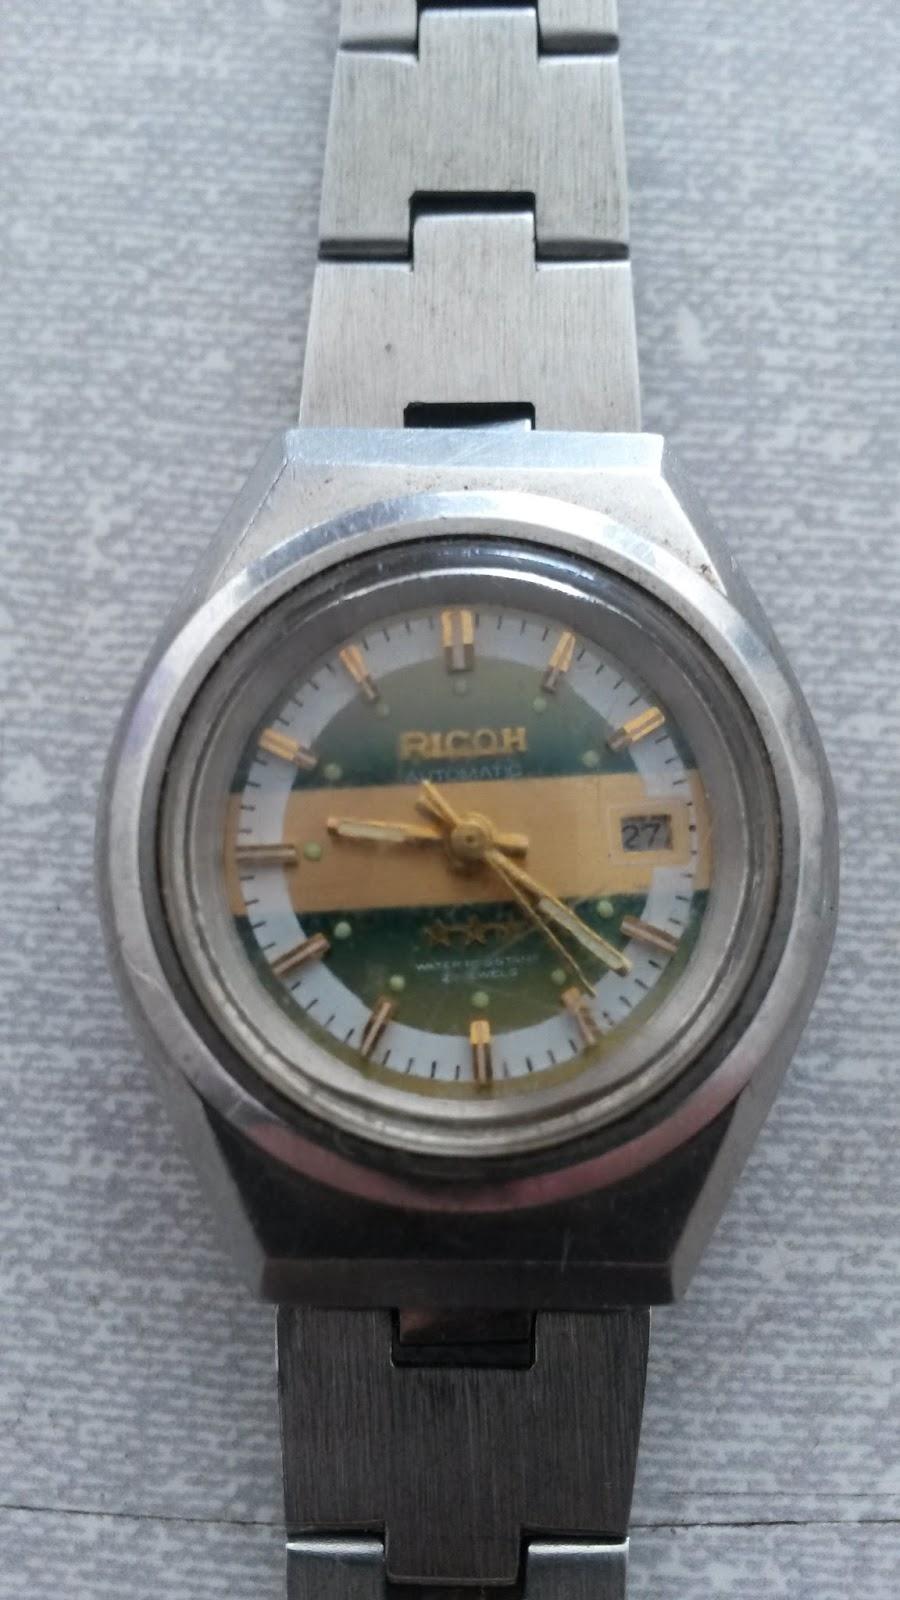 b4be66be399 Uma máquina que se assemelha aos relógios orient